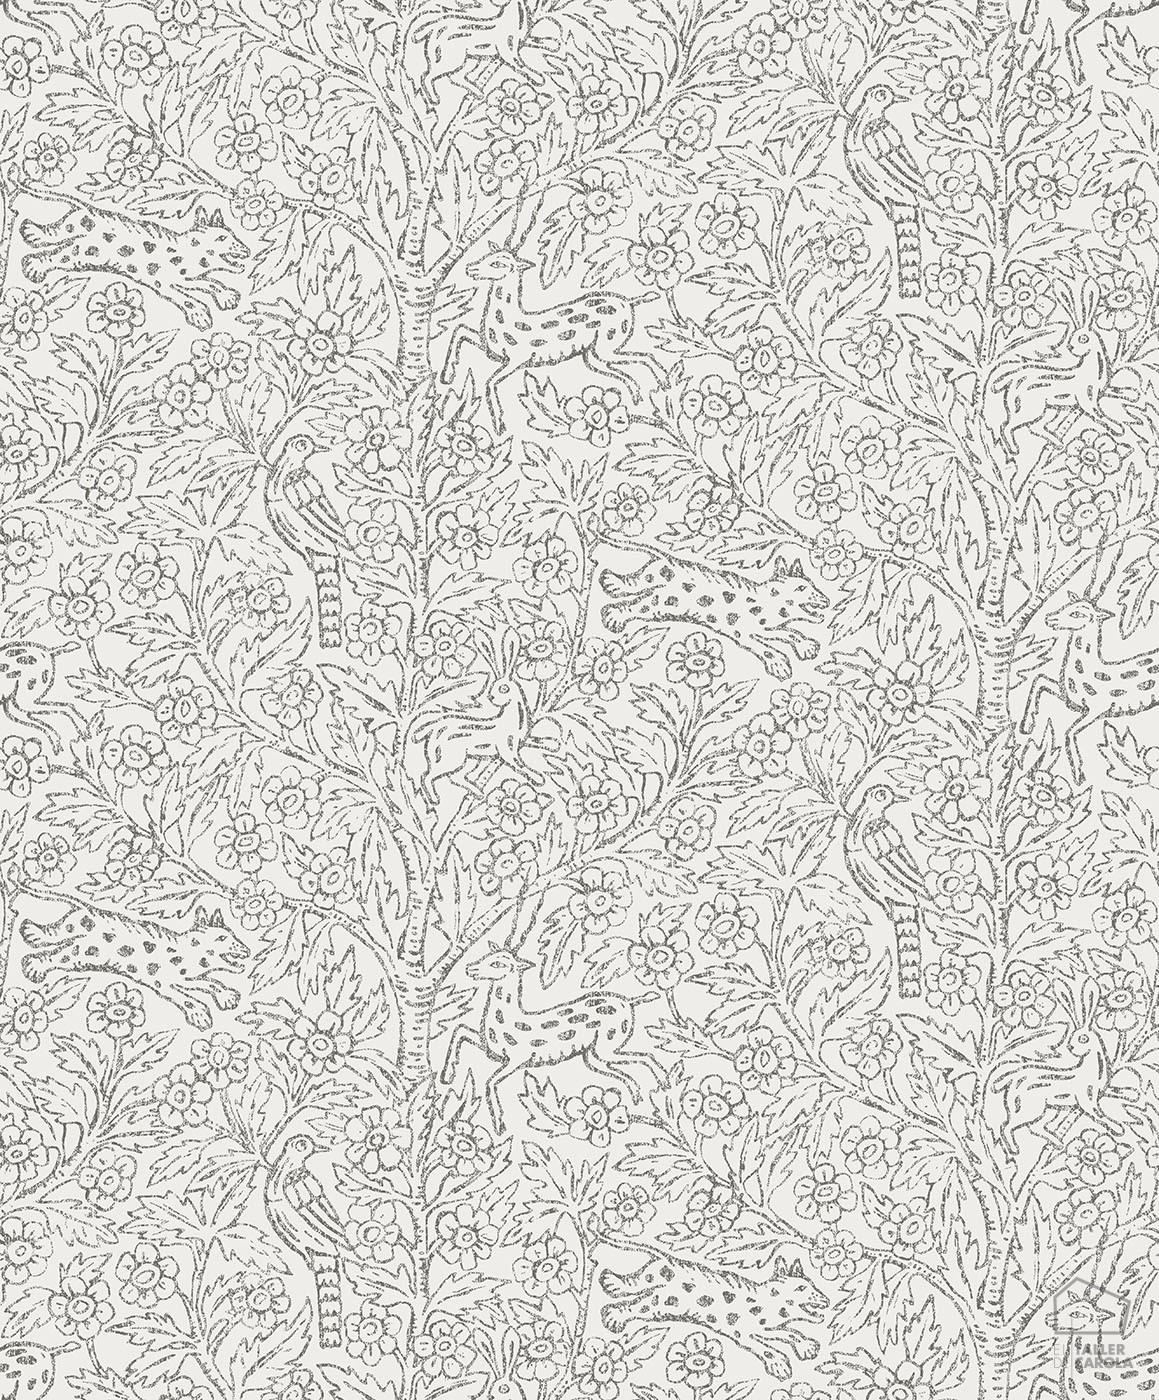 059fam2-ede827-41-papel-pintado-vegetal-florecitas-animales-blanco